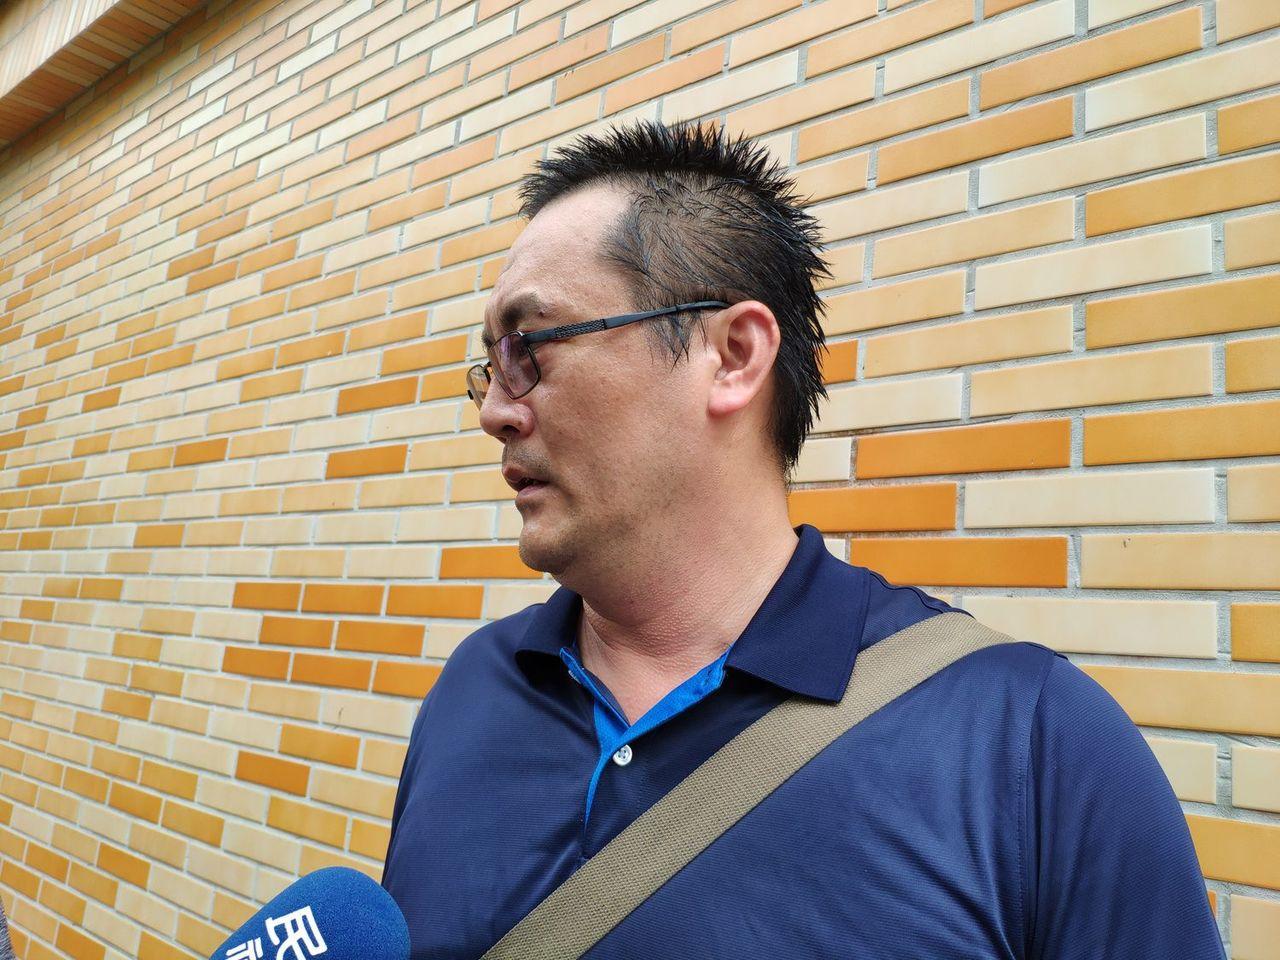 劉三榮的警校同學楊震懋感慨老同學沒躲過劫難。記者謝進盛/攝影